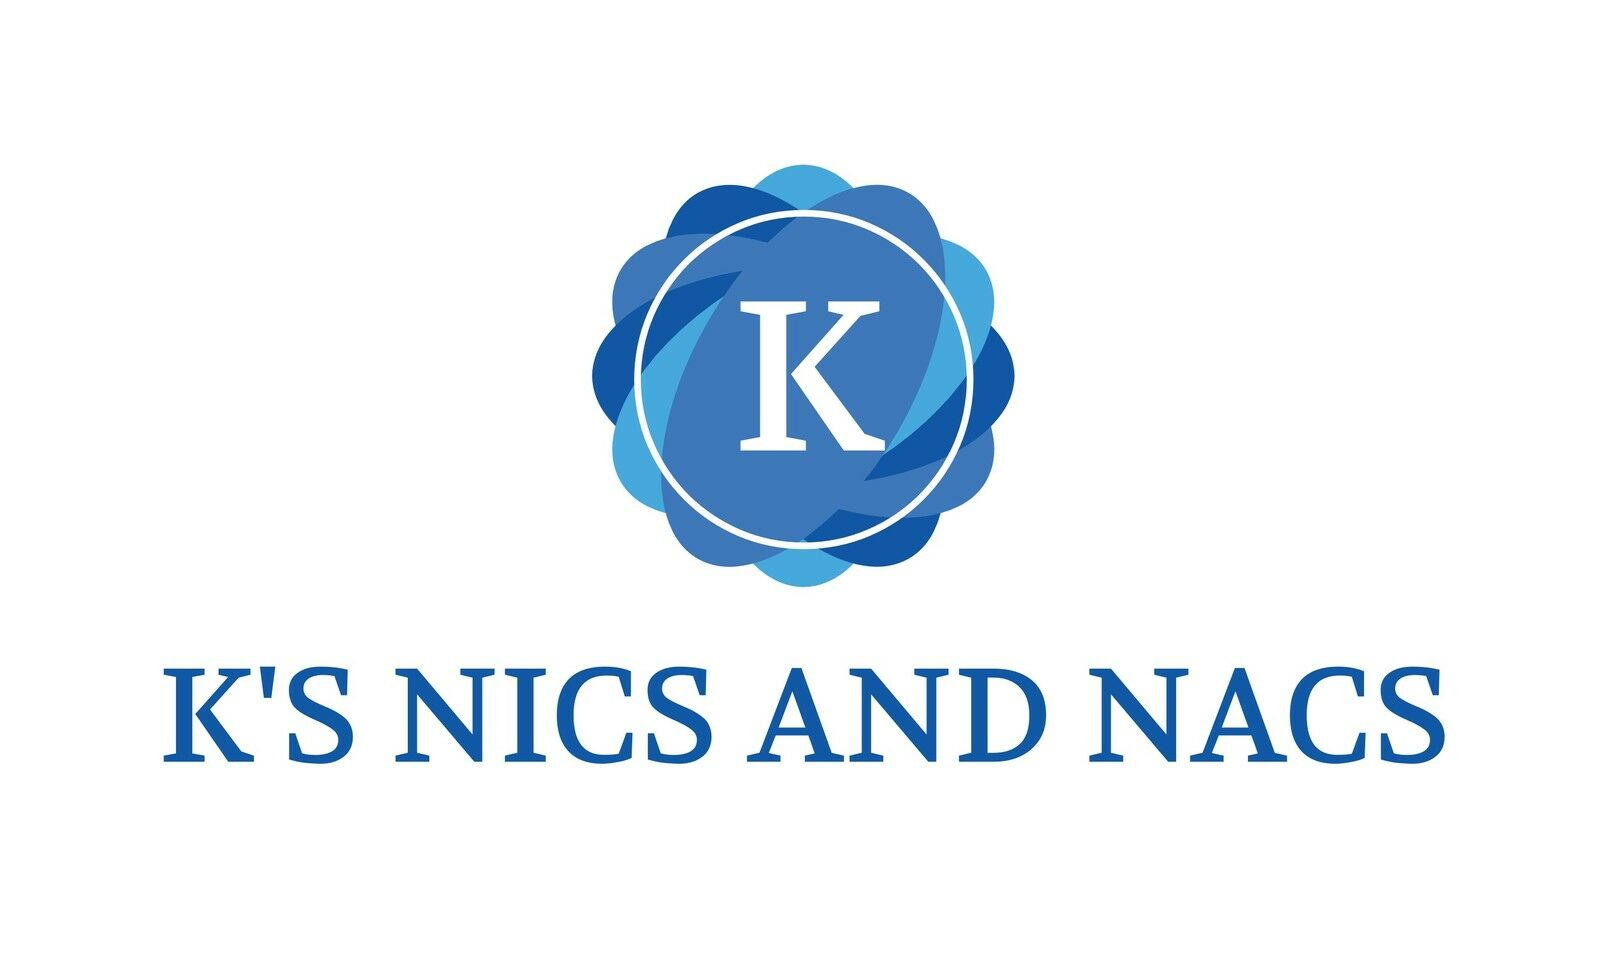 K'S Nic and Nacs